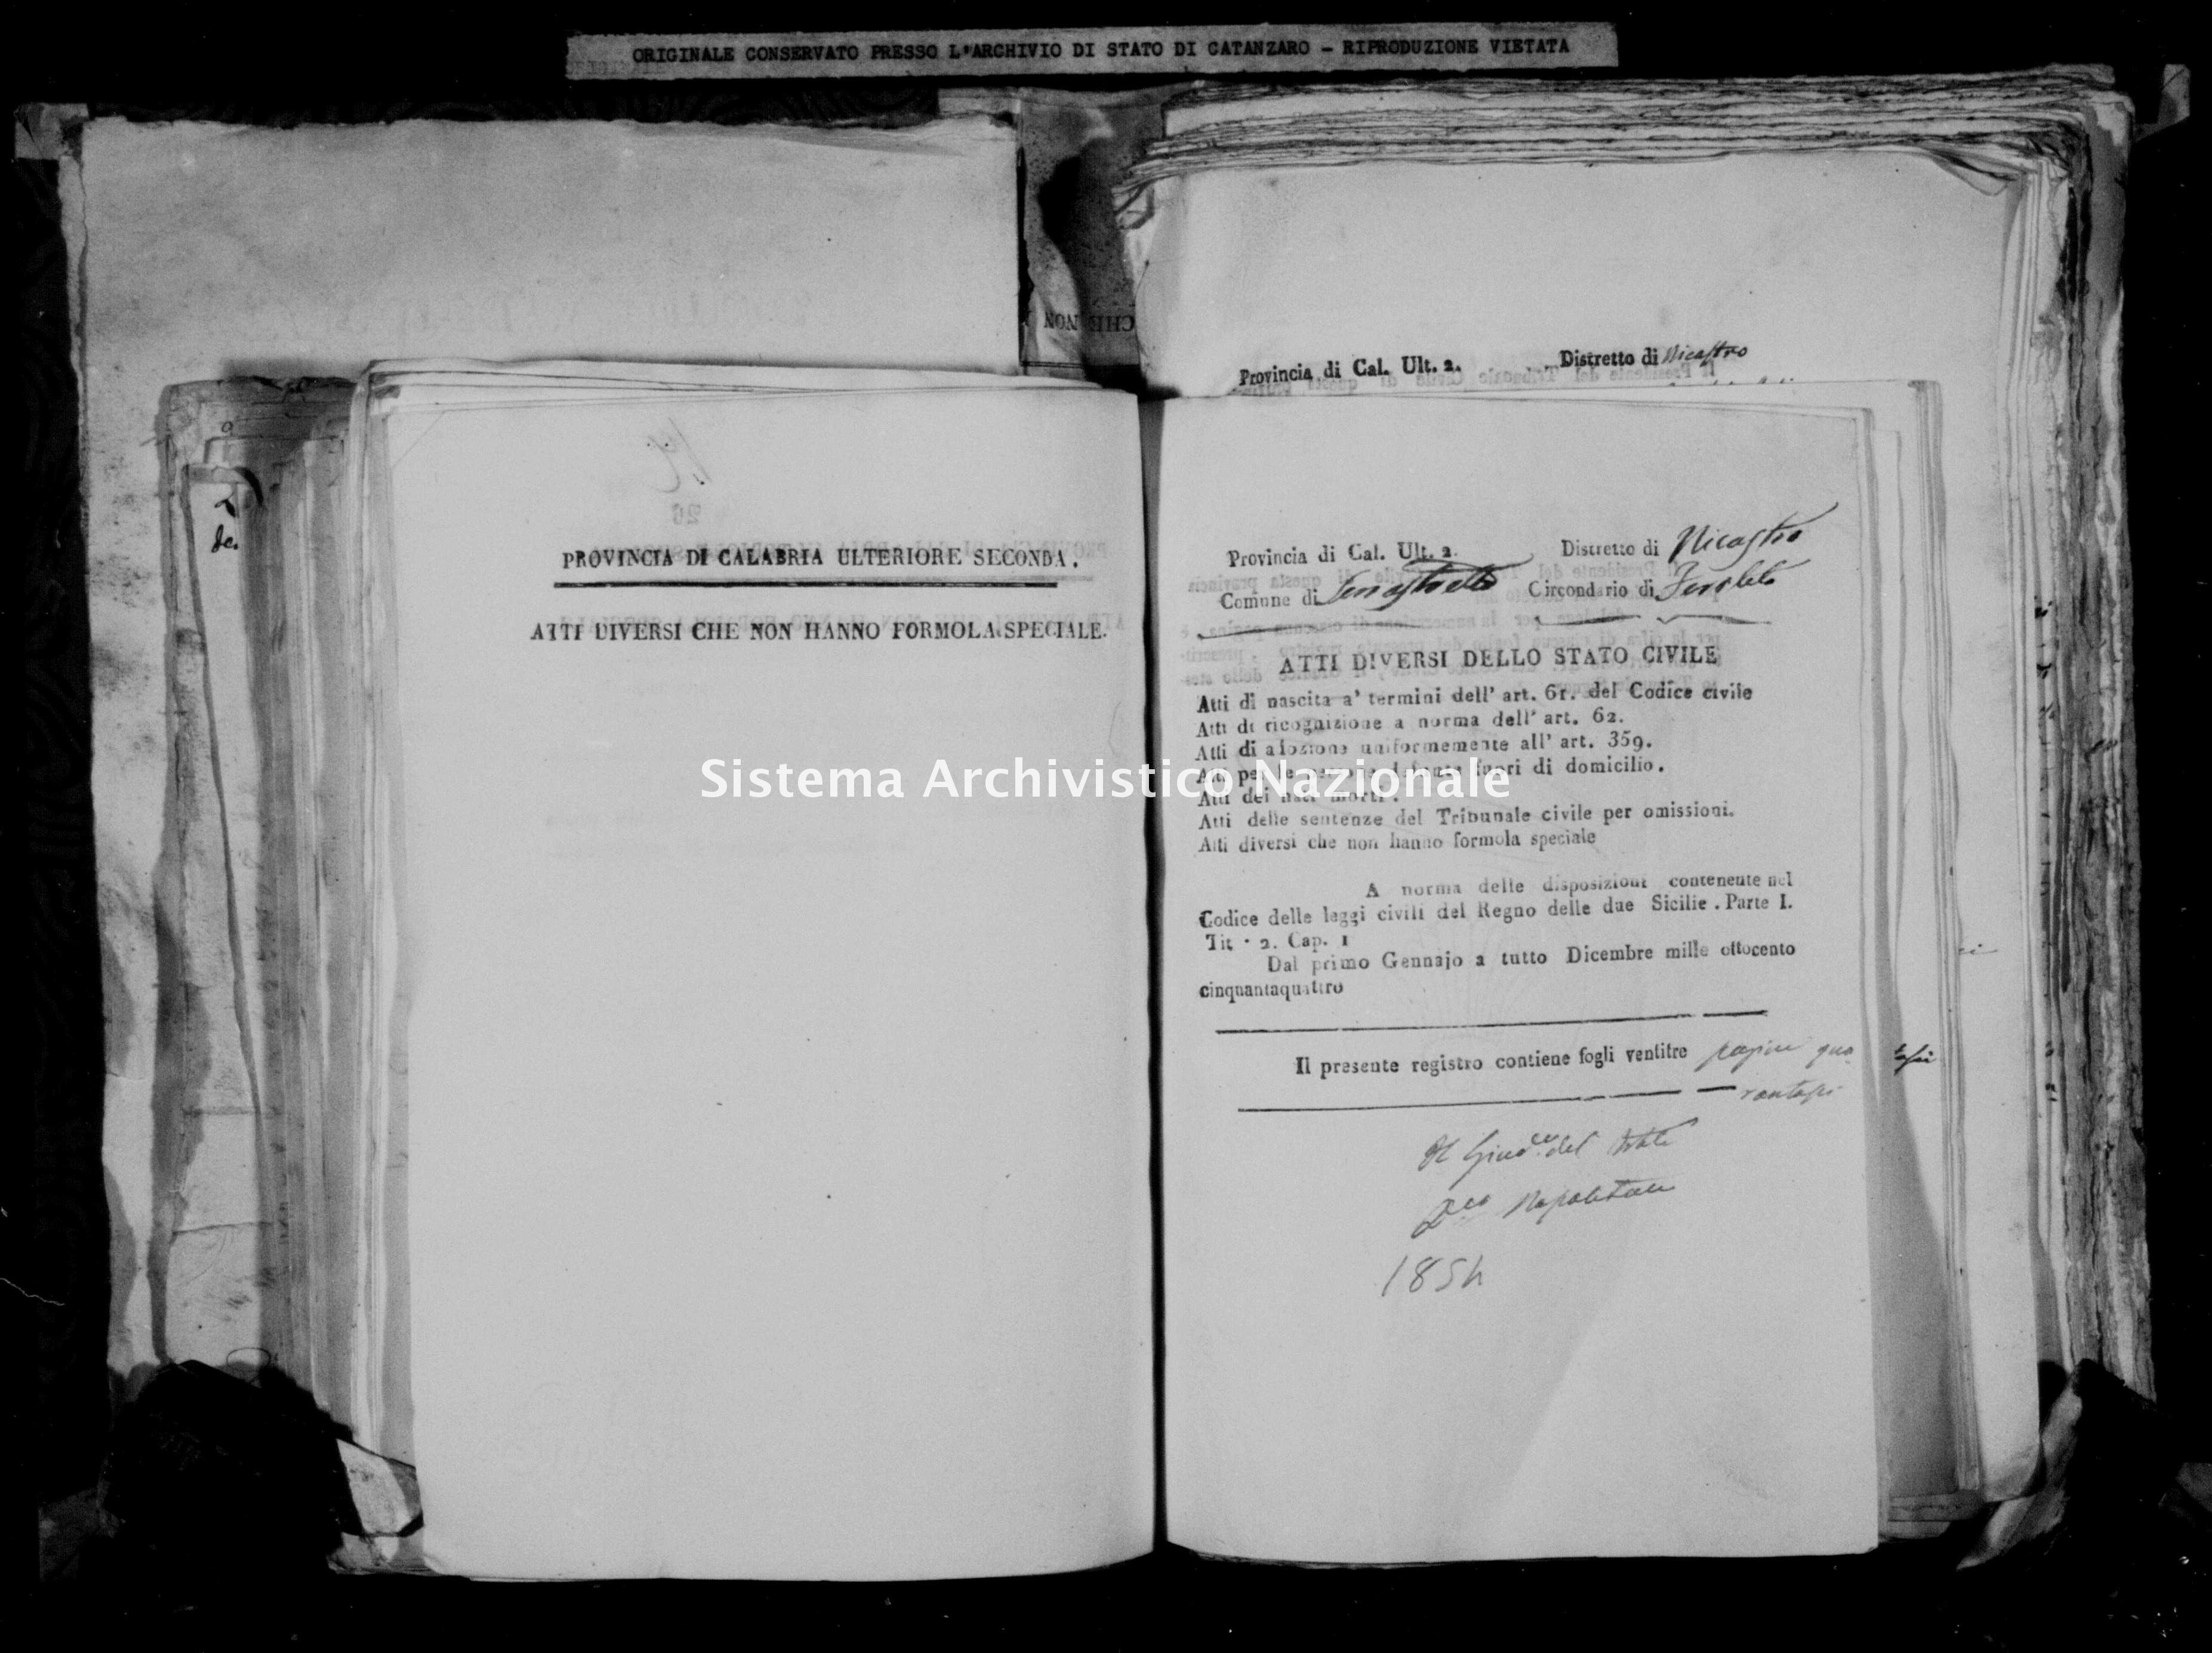 Archivio di stato di Catanzaro - Stato civile della restaurazione - Accaria - Diversi - 1854 -